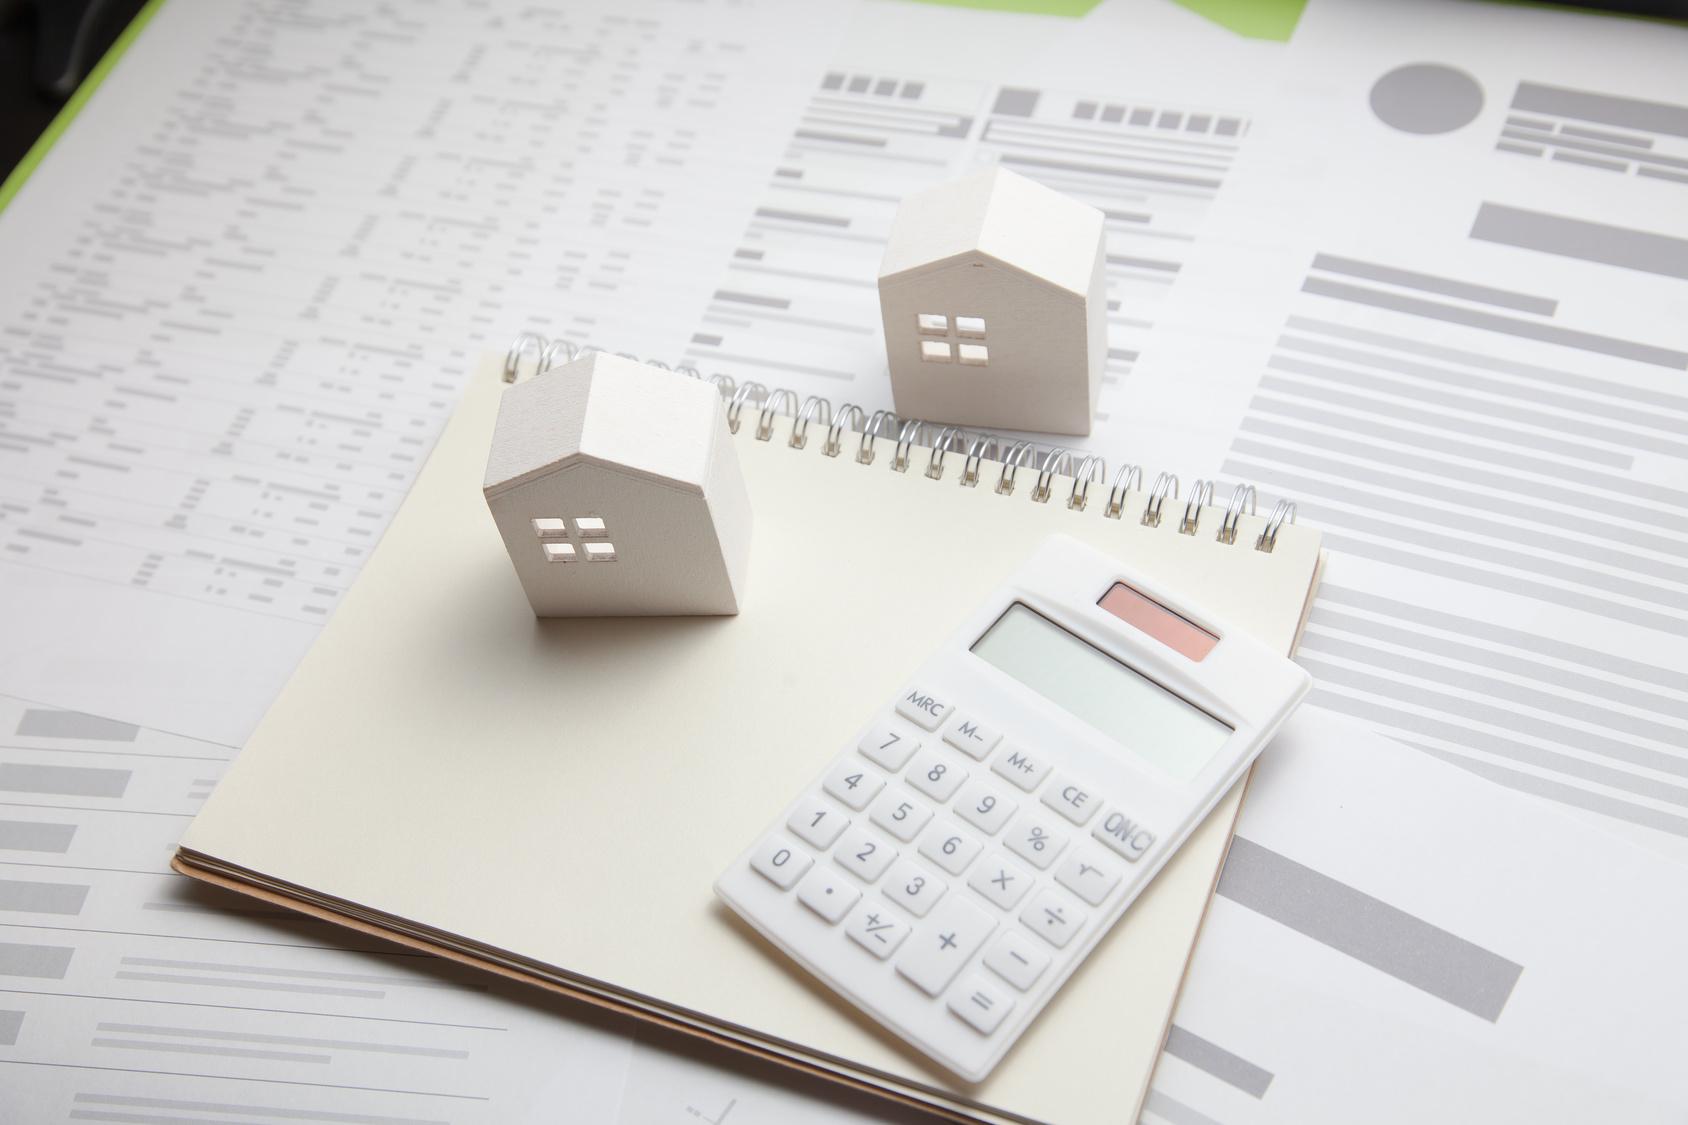 家づくりを予算内で抑えるための5つの原則